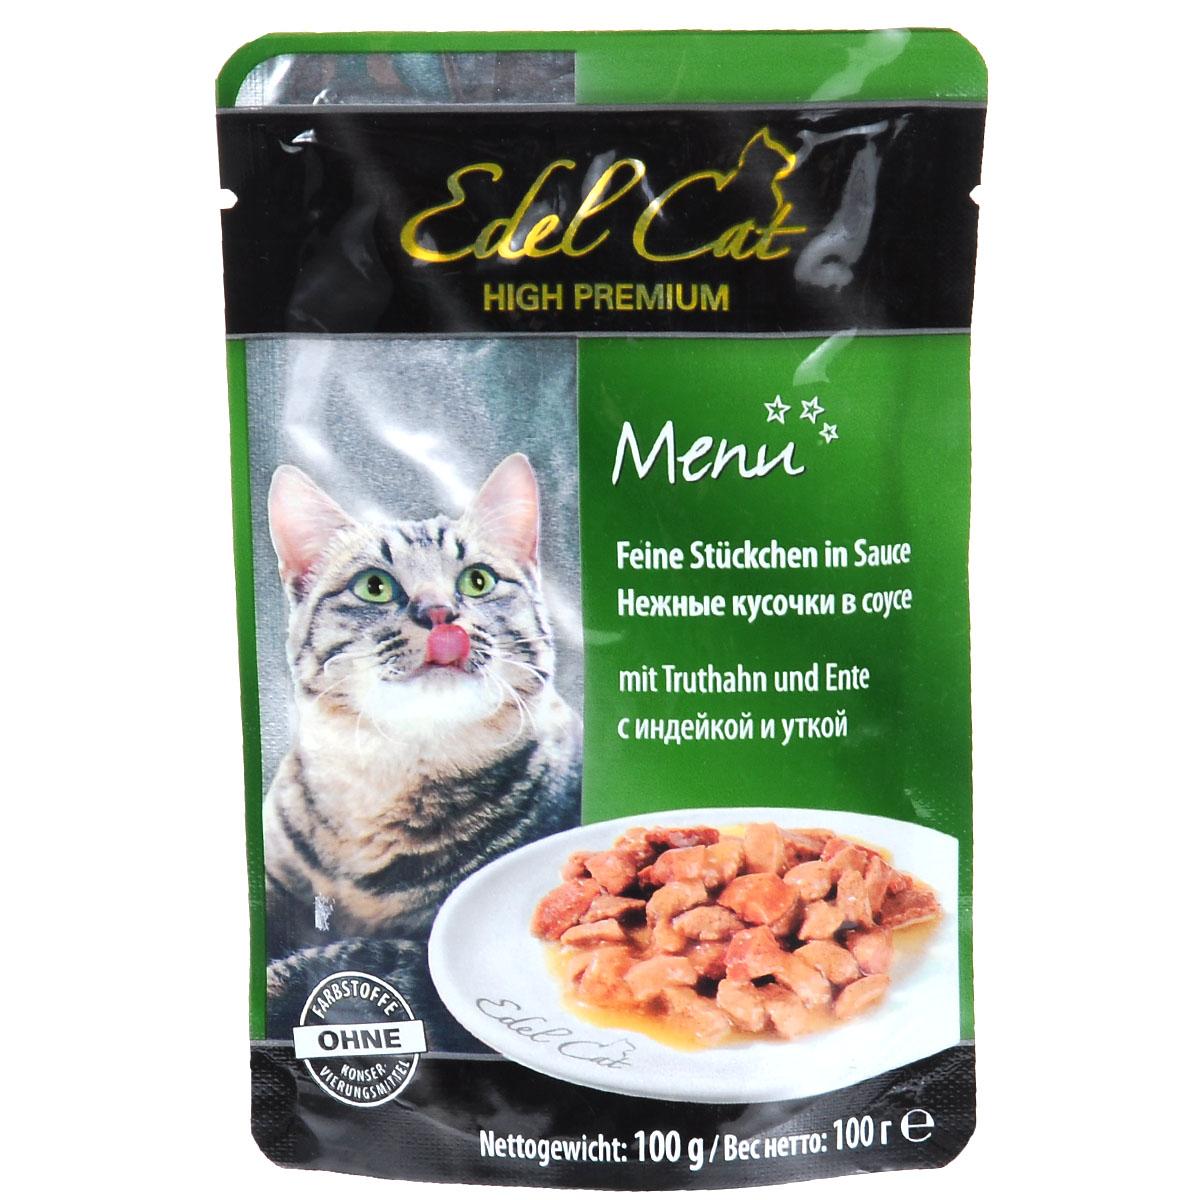 Консервы для кошек Edel Cat, с индейкой и уткой в соусе, 100 г0120710Корм Edel Cat представляет собой чудесные консервы для взрослых кошек. Аппетитные кусочки в соусе обязательно понравятся вашим питомцам.Полнорационный корм Edel Cat - это восхитительное лакомство, которое было разработано с учетом всех особенностей организма взрослых кошек, поэтому продукт рекомендован всем питомцам, достигшим возраста 8 месяцев. В Edel Cat вошли только высококачественные ингредиенты. В качестве основных продуктов питания выступают утка и индейка. Именно эти компоненты обеспечивают непревзойденные вкусовые свойства консервов. Витаминный комплекс, входящий в состав корма, помогает укрепить иммунную систему. Состав: мясо и мясопродукты (5% индейки, 5% утки), злаки, минеральные вещества, инулин (0,1%).Аналитический состав: влажность 82%, протеин - 8,5%,жир - 4,5%, зола - 2%, клетчатка - 0,3%.Пищевые добавки на кг: витамин ДЗ 250 МЕ, цинк 18 мг, витамин Е 15 мг, медь 1 мг, марганец 1 мг. Товар сертифицирован.